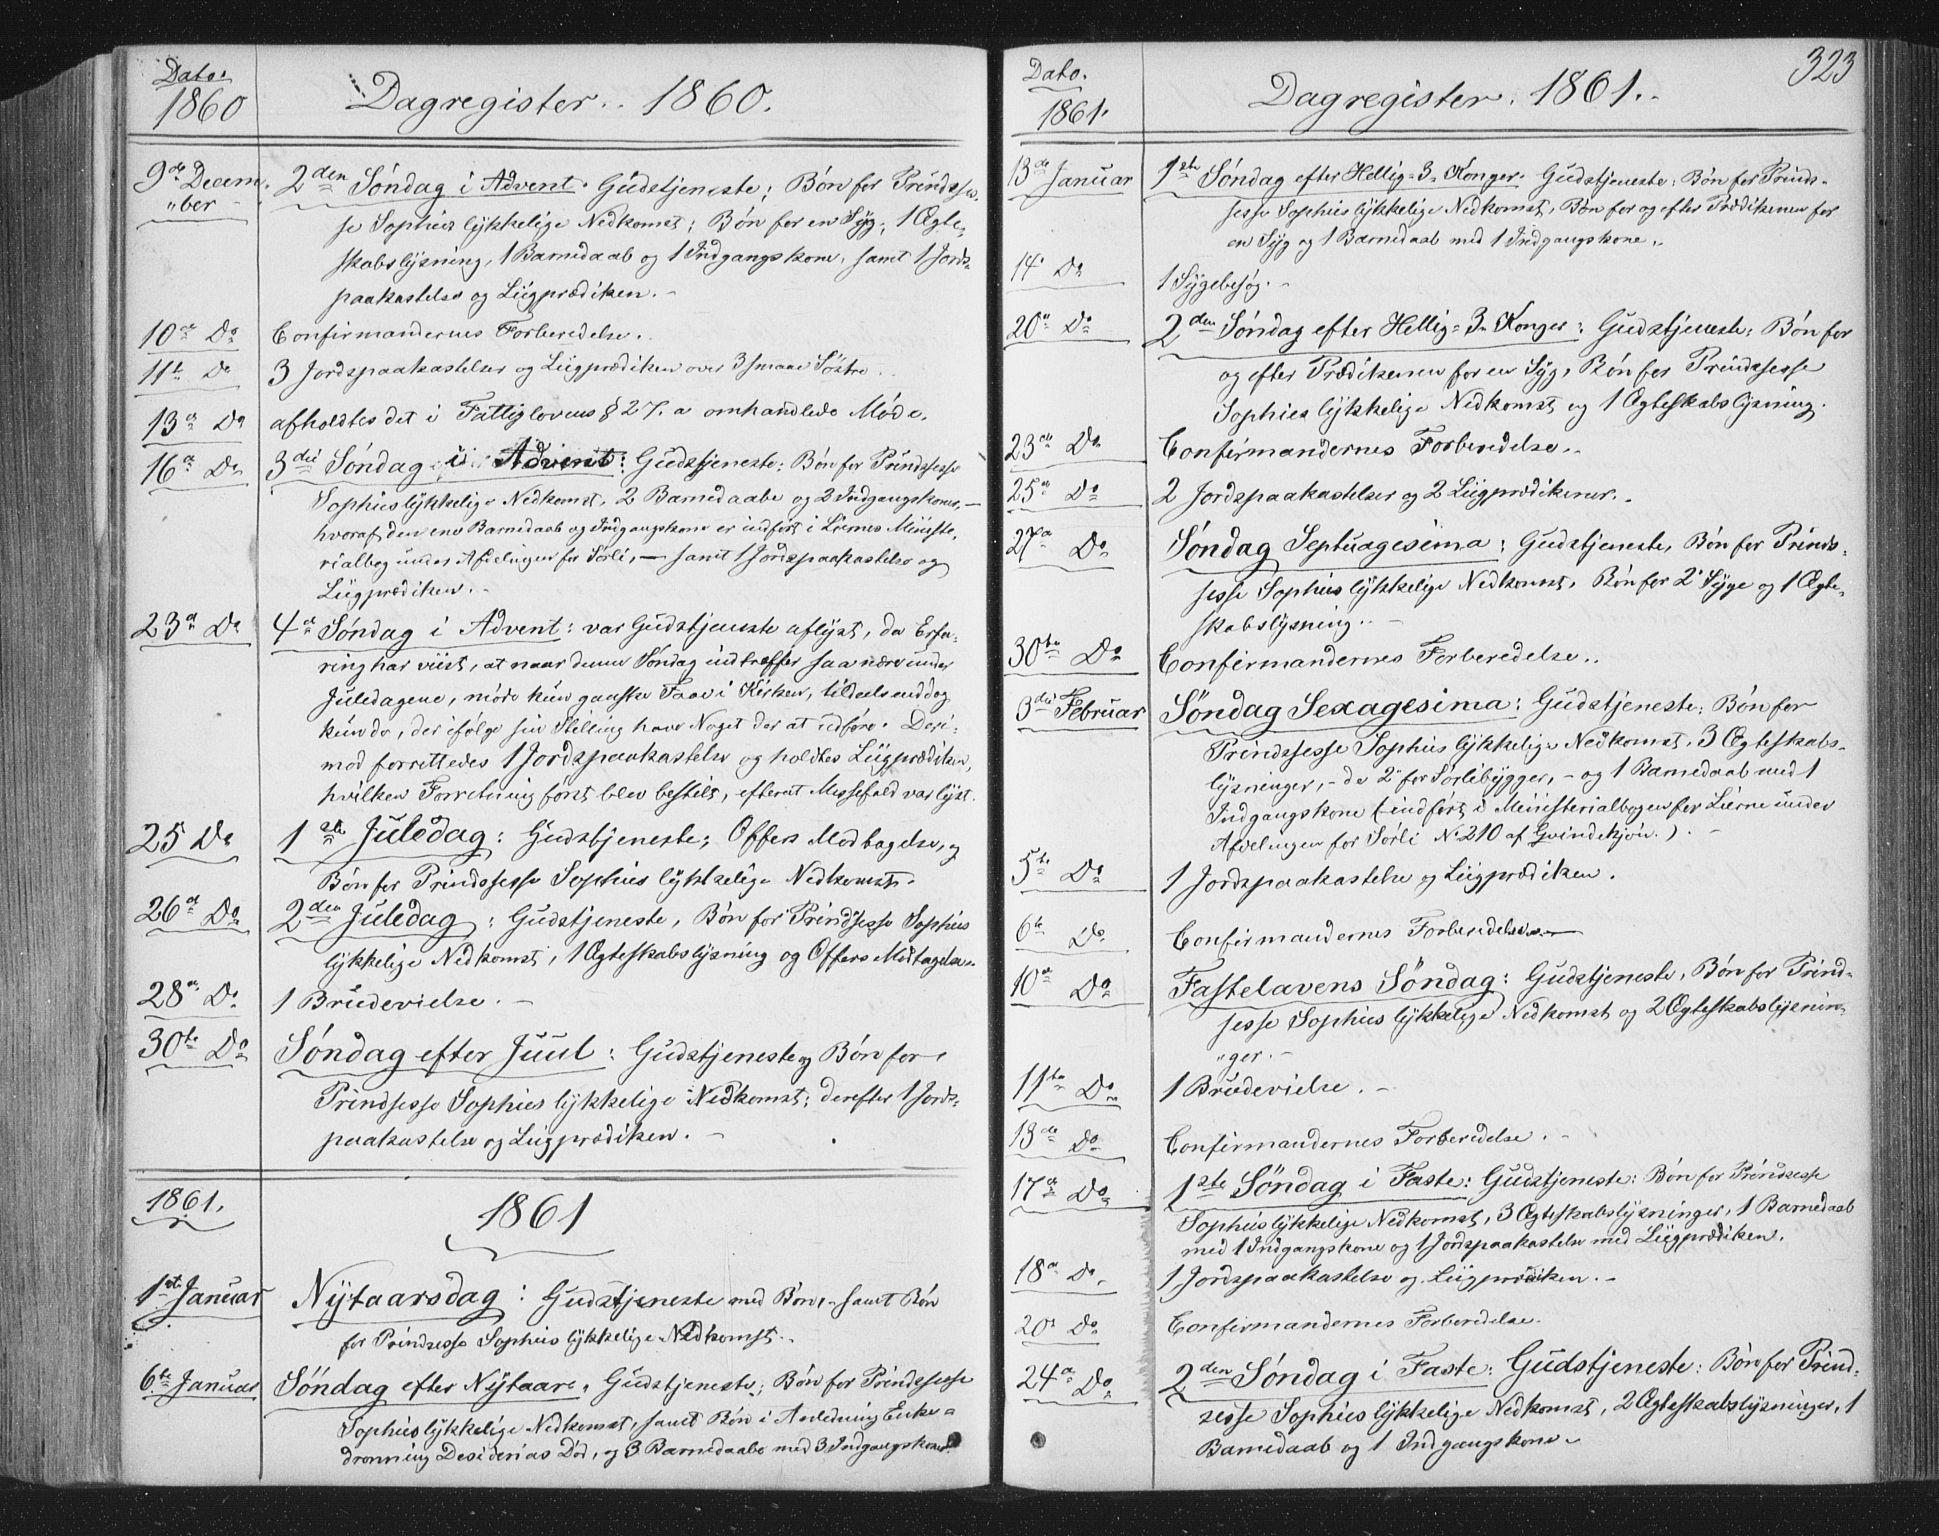 SAT, Ministerialprotokoller, klokkerbøker og fødselsregistre - Nord-Trøndelag, 749/L0472: Ministerialbok nr. 749A06, 1857-1873, s. 323